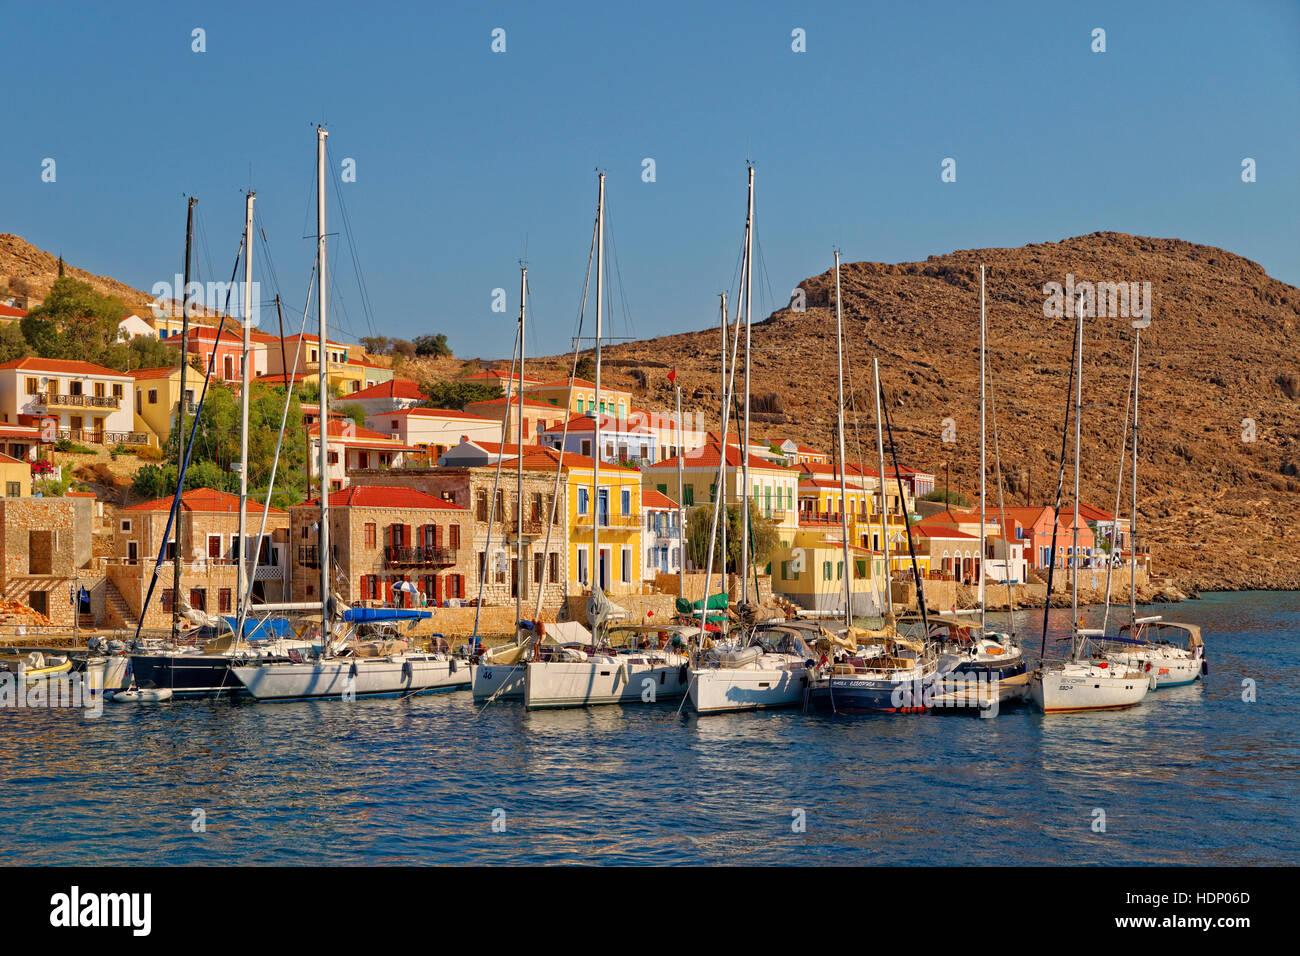 Yacht-Liegeplätze in Chalki Stadt, griechischen Insel Chalki abseits der nördlichen Küste von Rhodos, Dodekanes Stockfoto